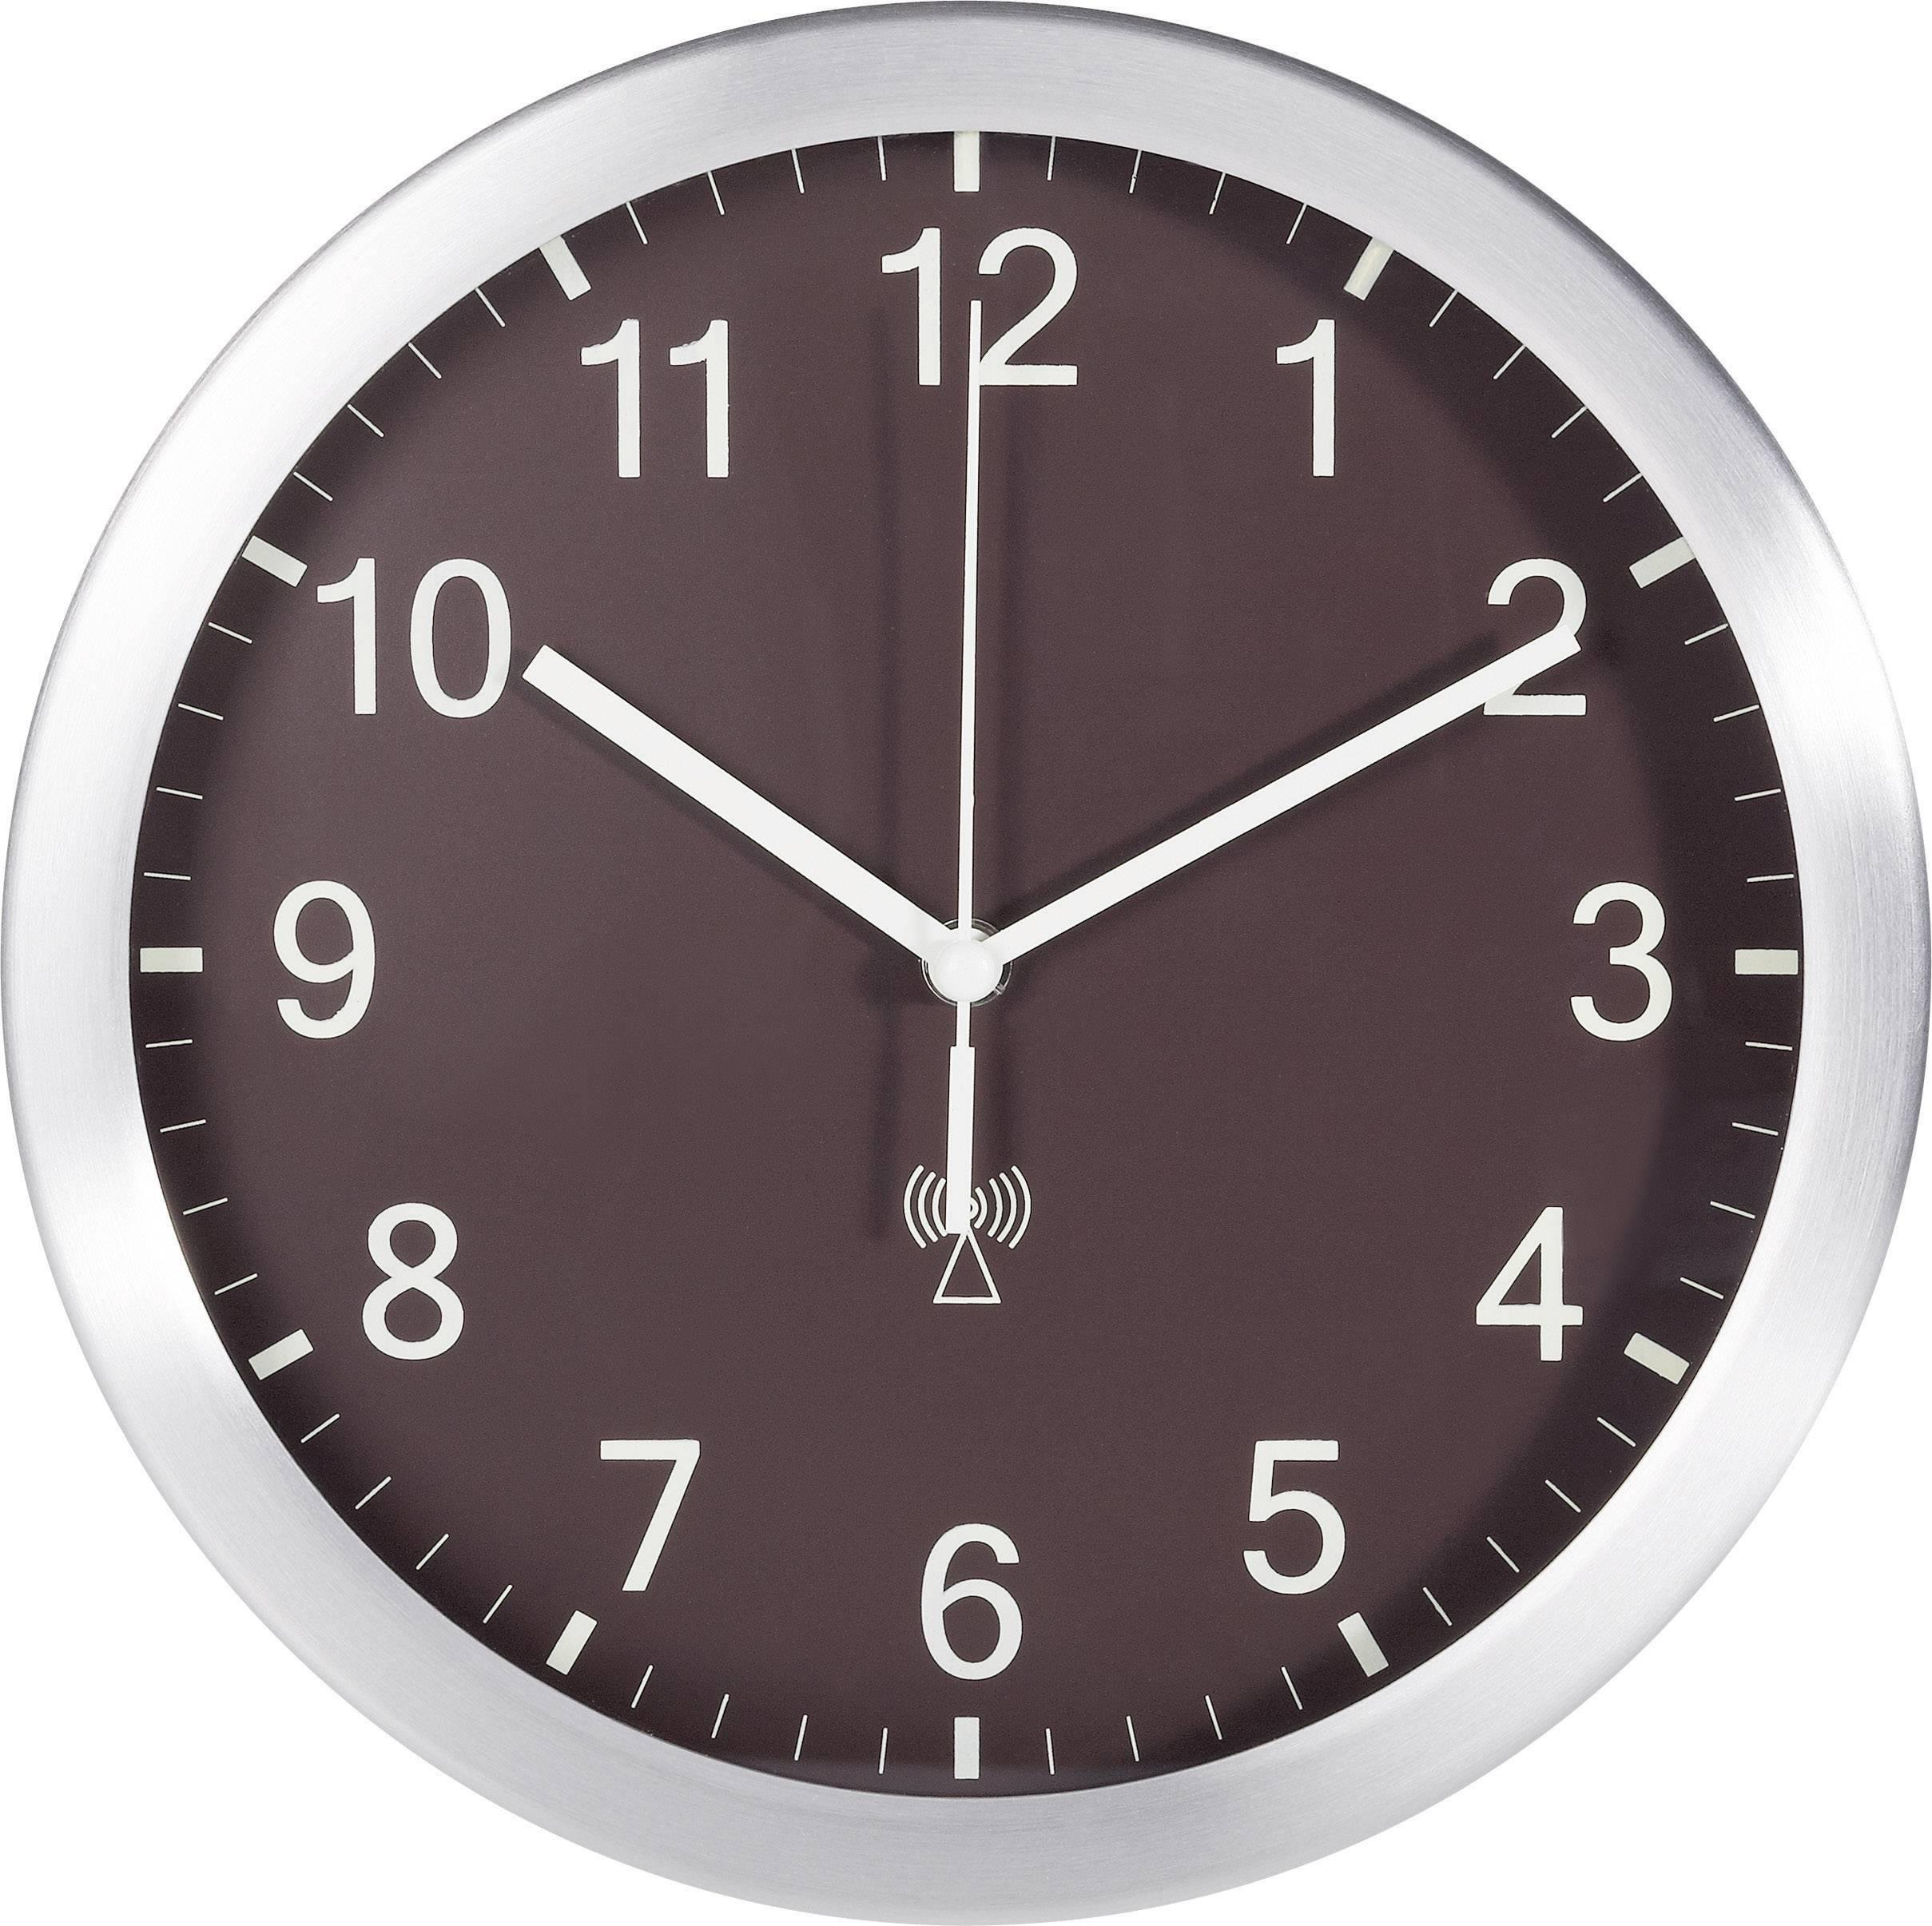 Analógové nástenné DCF hodiny TFA 25 cm, hnedé